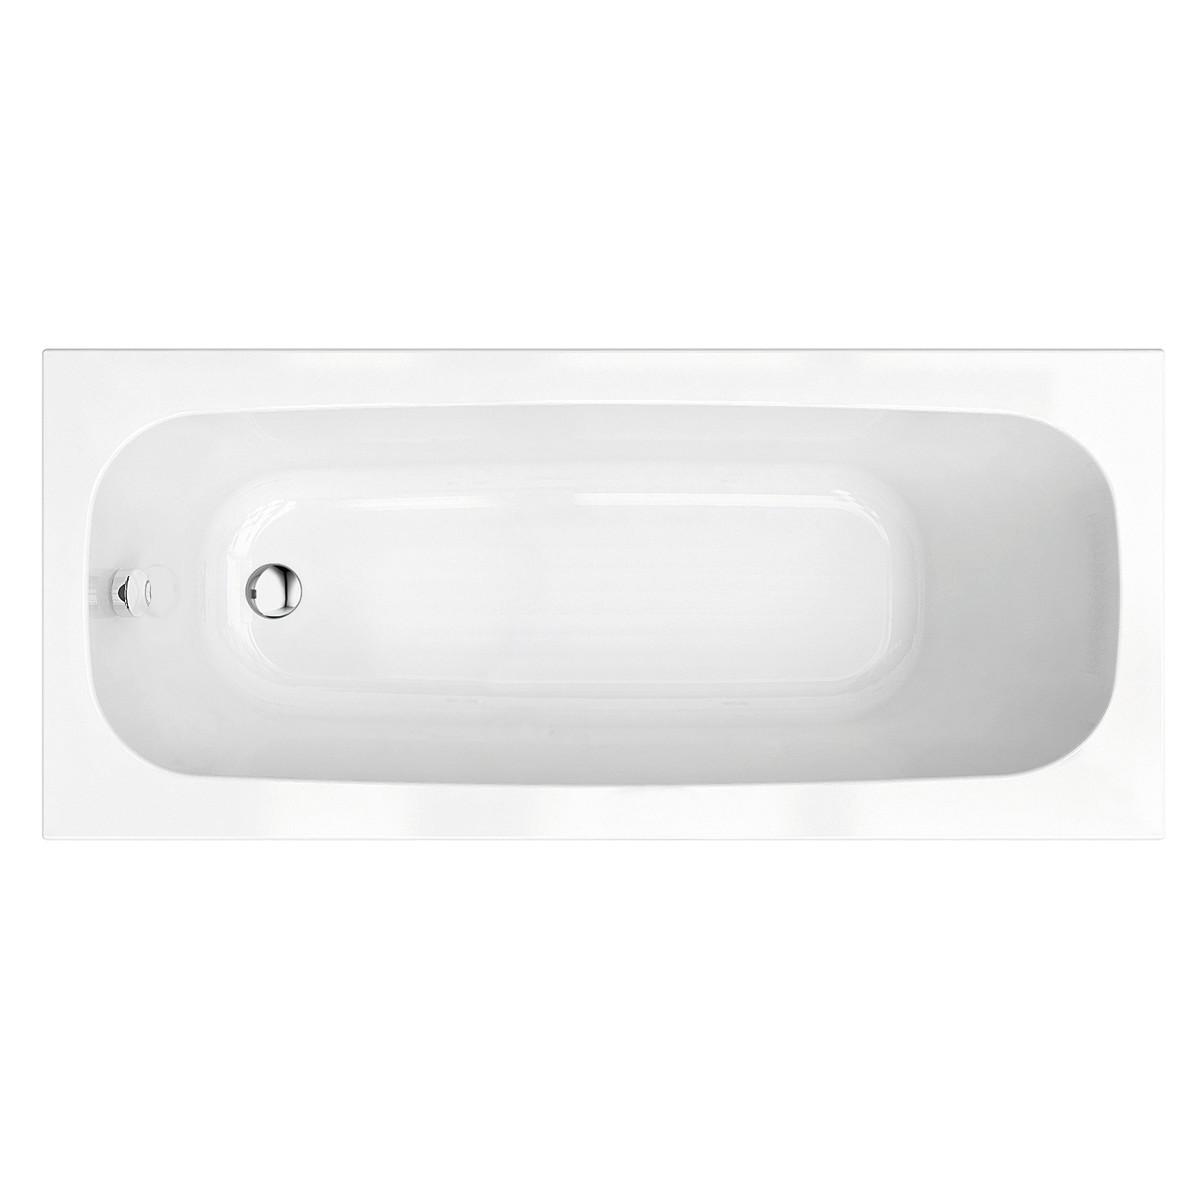 Vasca tag 160 x 70 cm prezzi e offerte online - Vasca da bagno acciaio prezzi ...